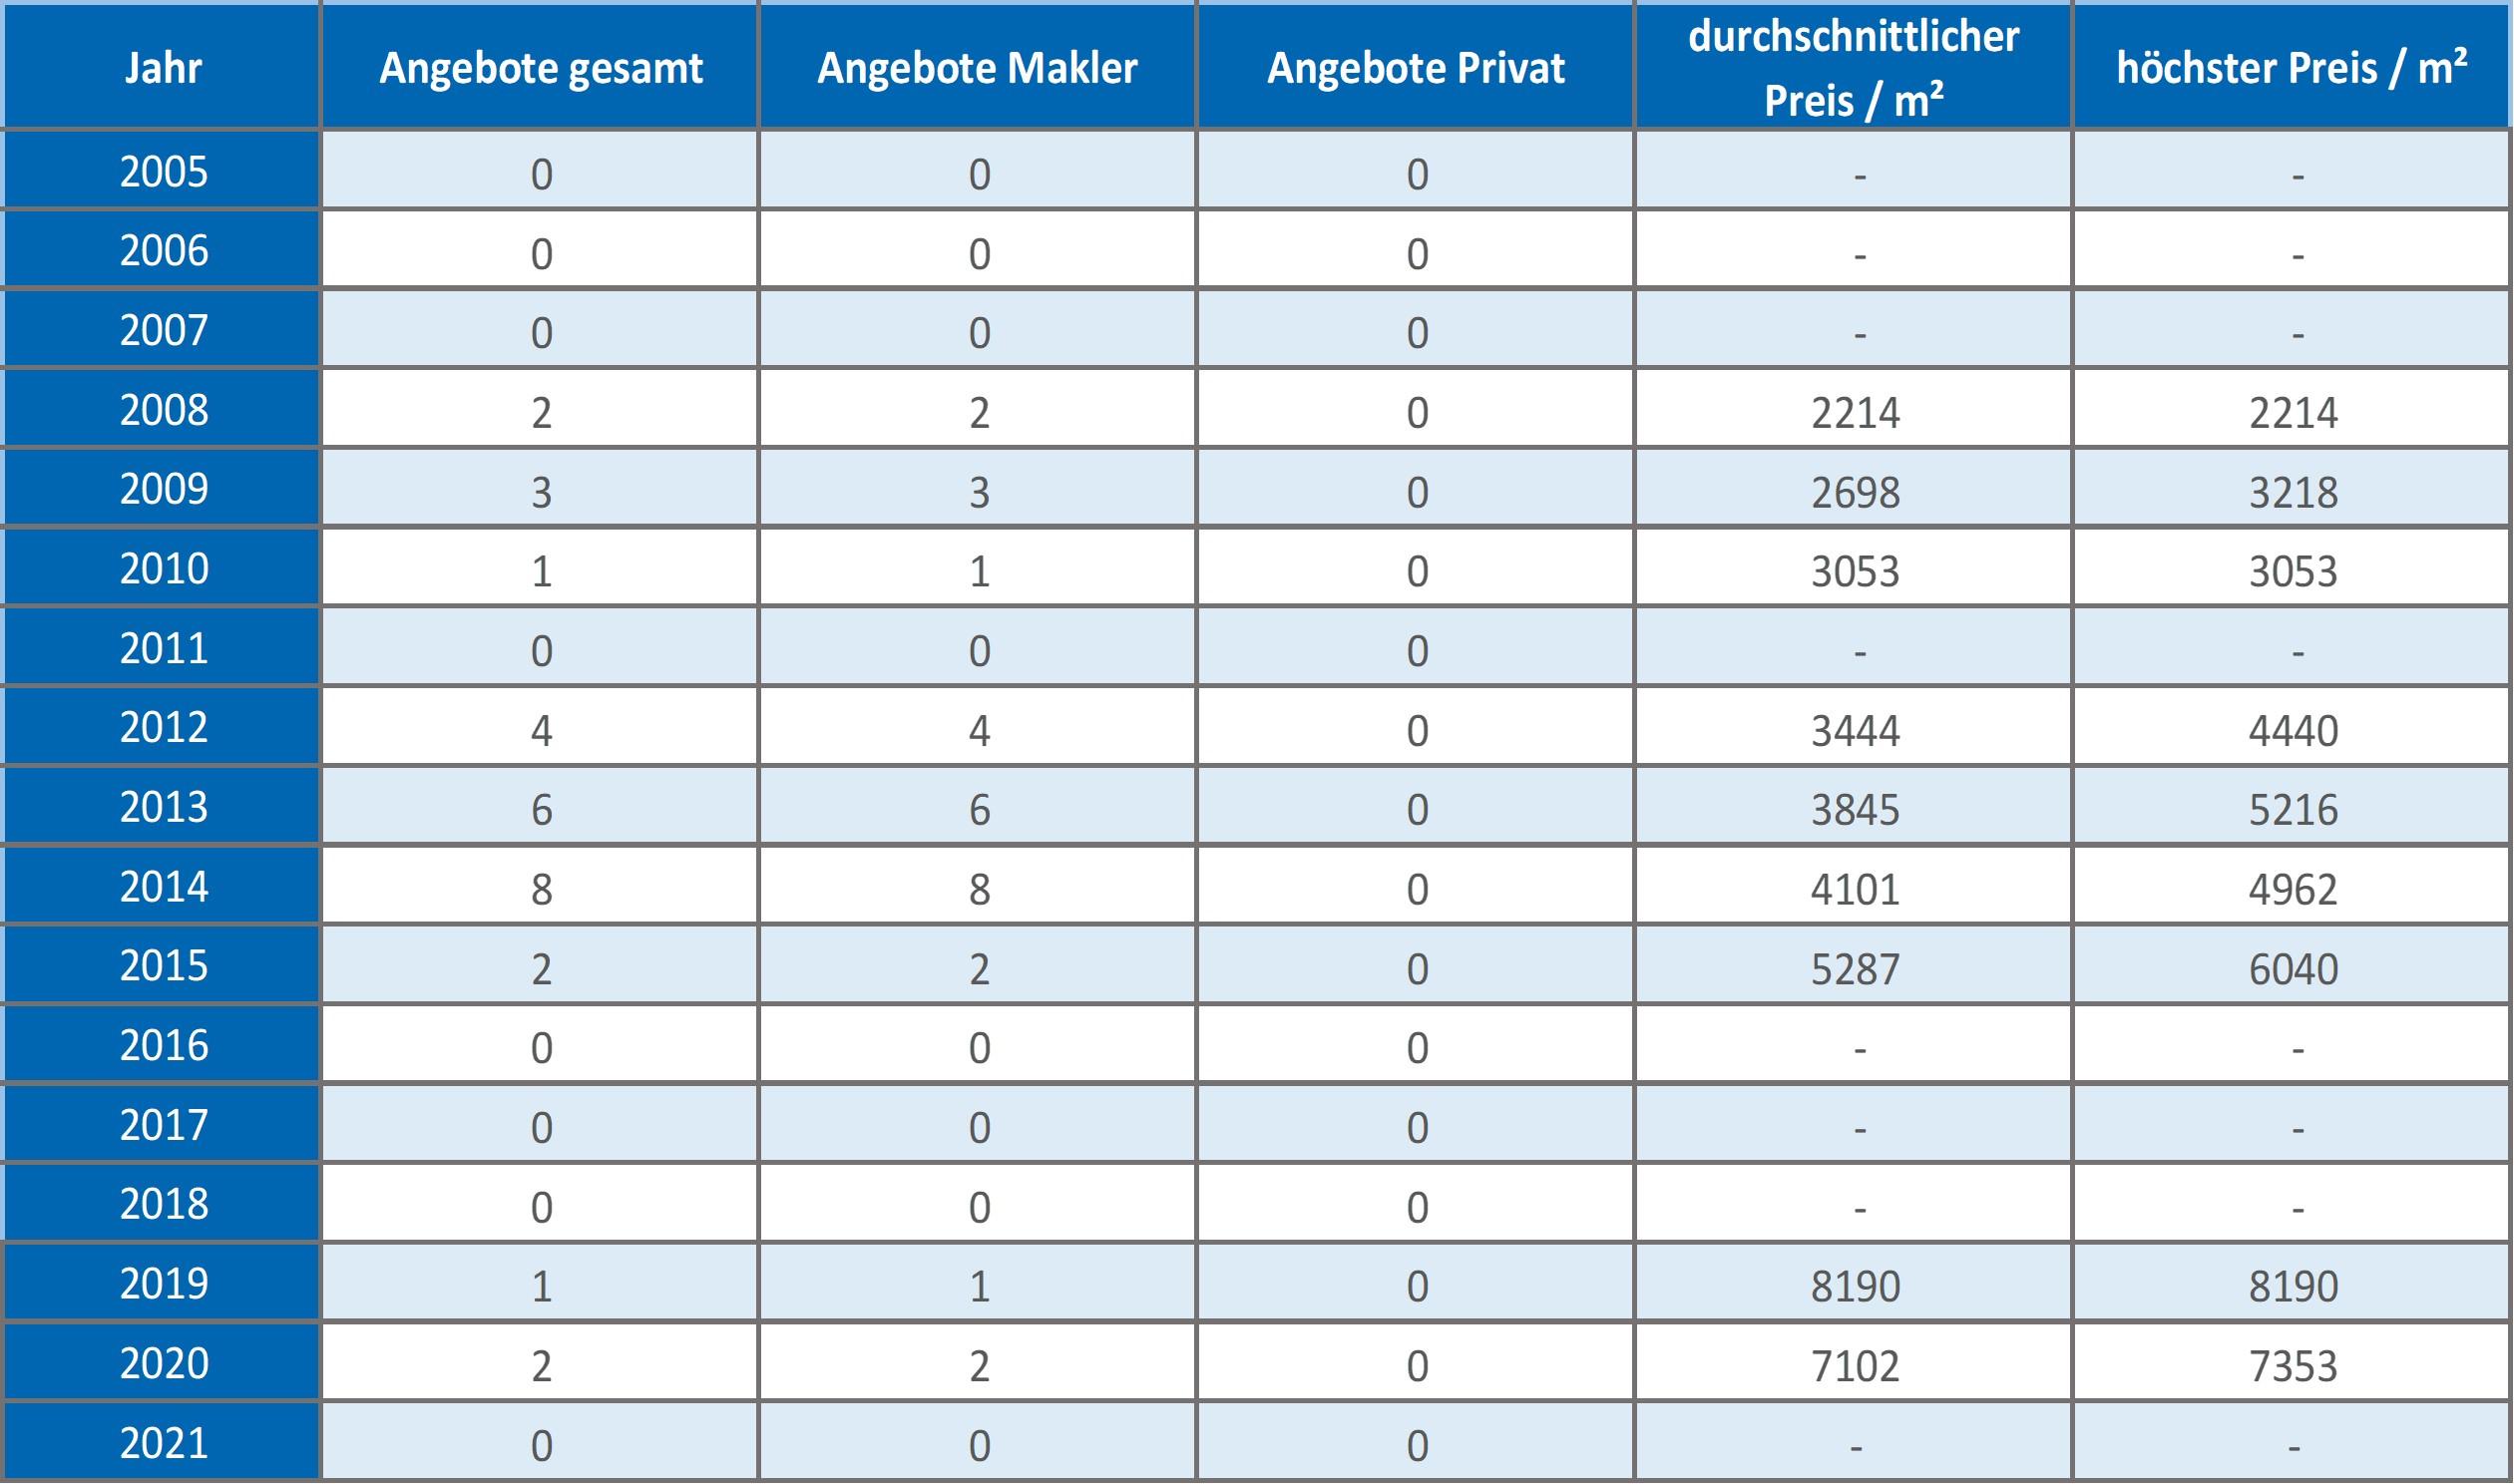 Neuried-Mehrfamilienhaus-Kaufen-Verkaufen-Makler 2019 2020 2021